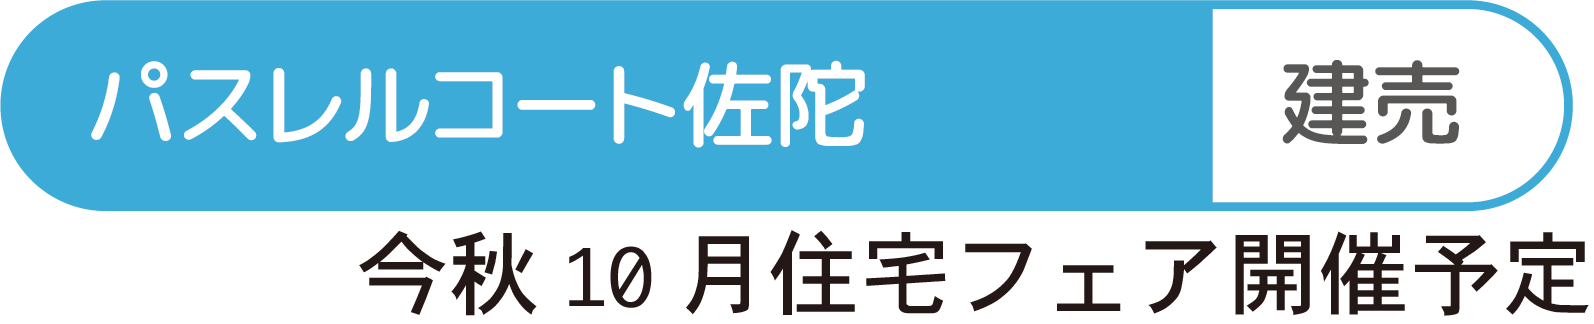 PC佐陀建売